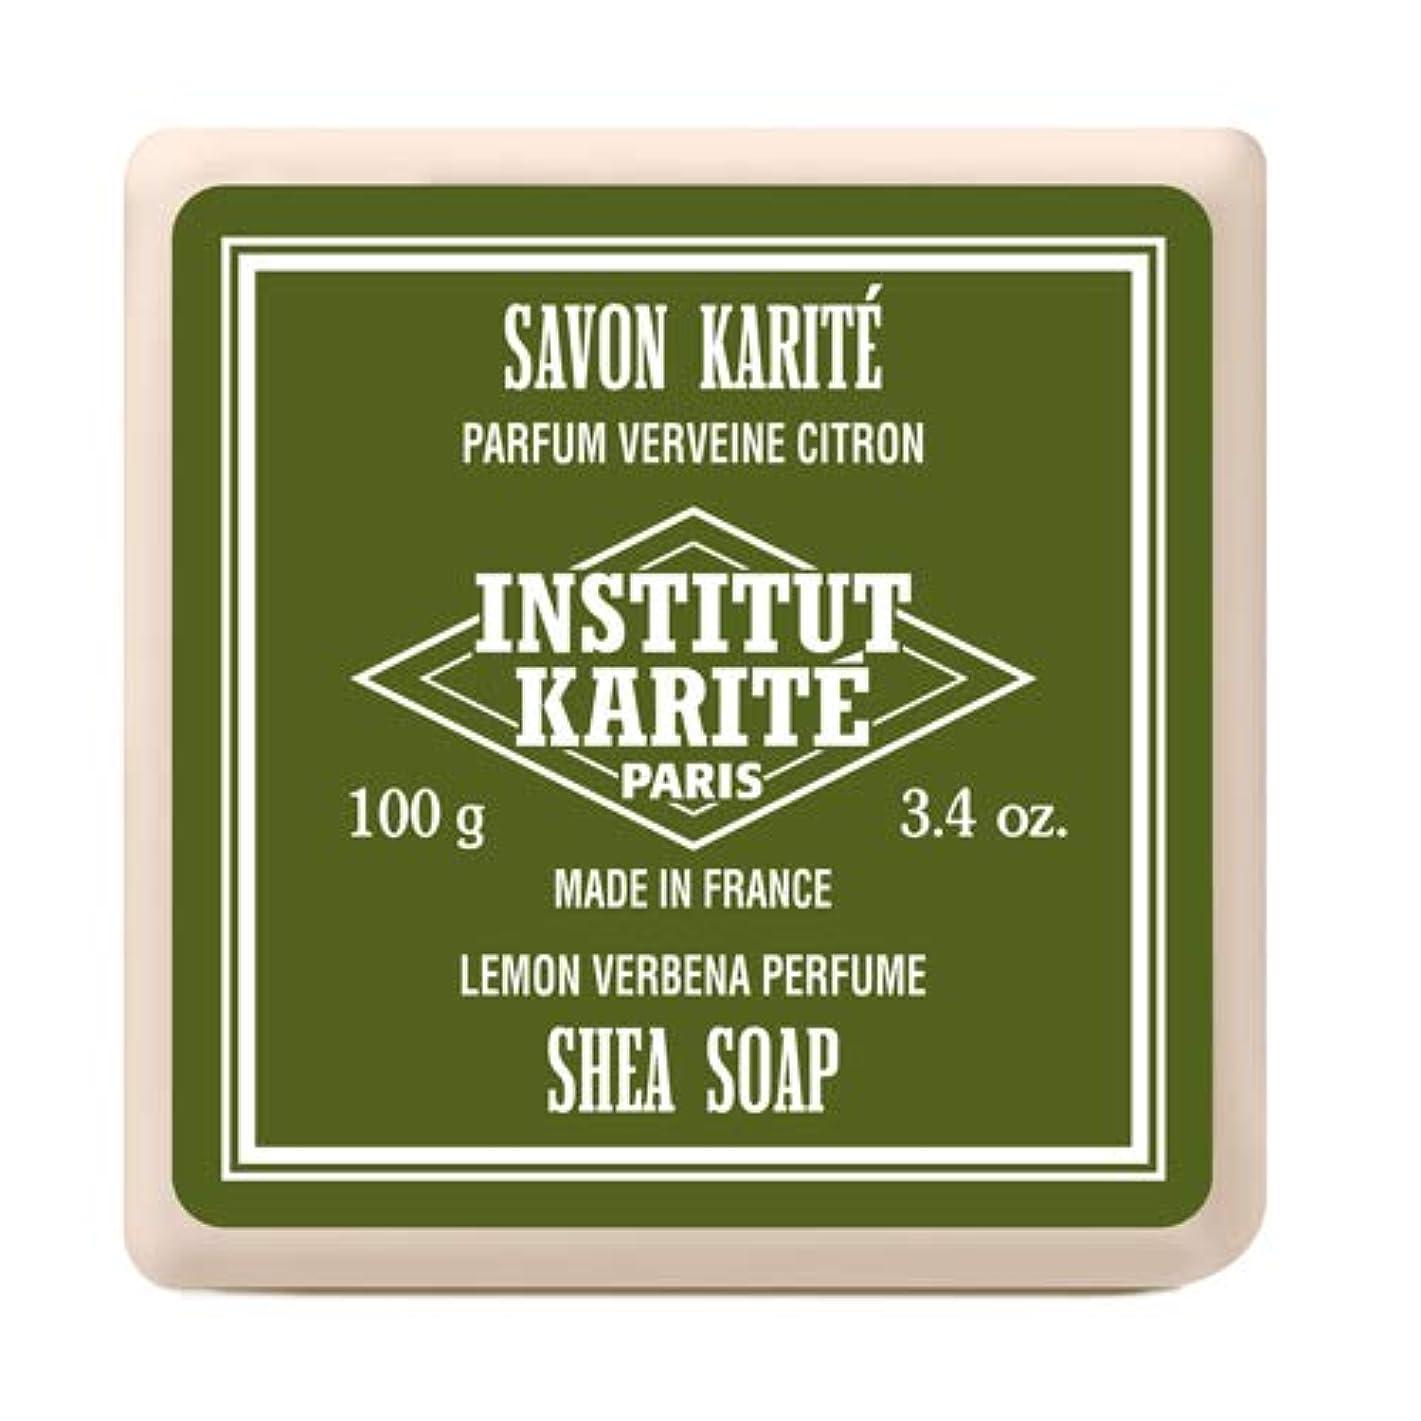 ありふれた咲く溶けるインスティテュート?カリテ(INSTITUT KARITE) INSTITUT KARITE インスティテュート カリテ Shea Wrapped Soap シアソープ 100g Lemon Vervena レモンバーベナ